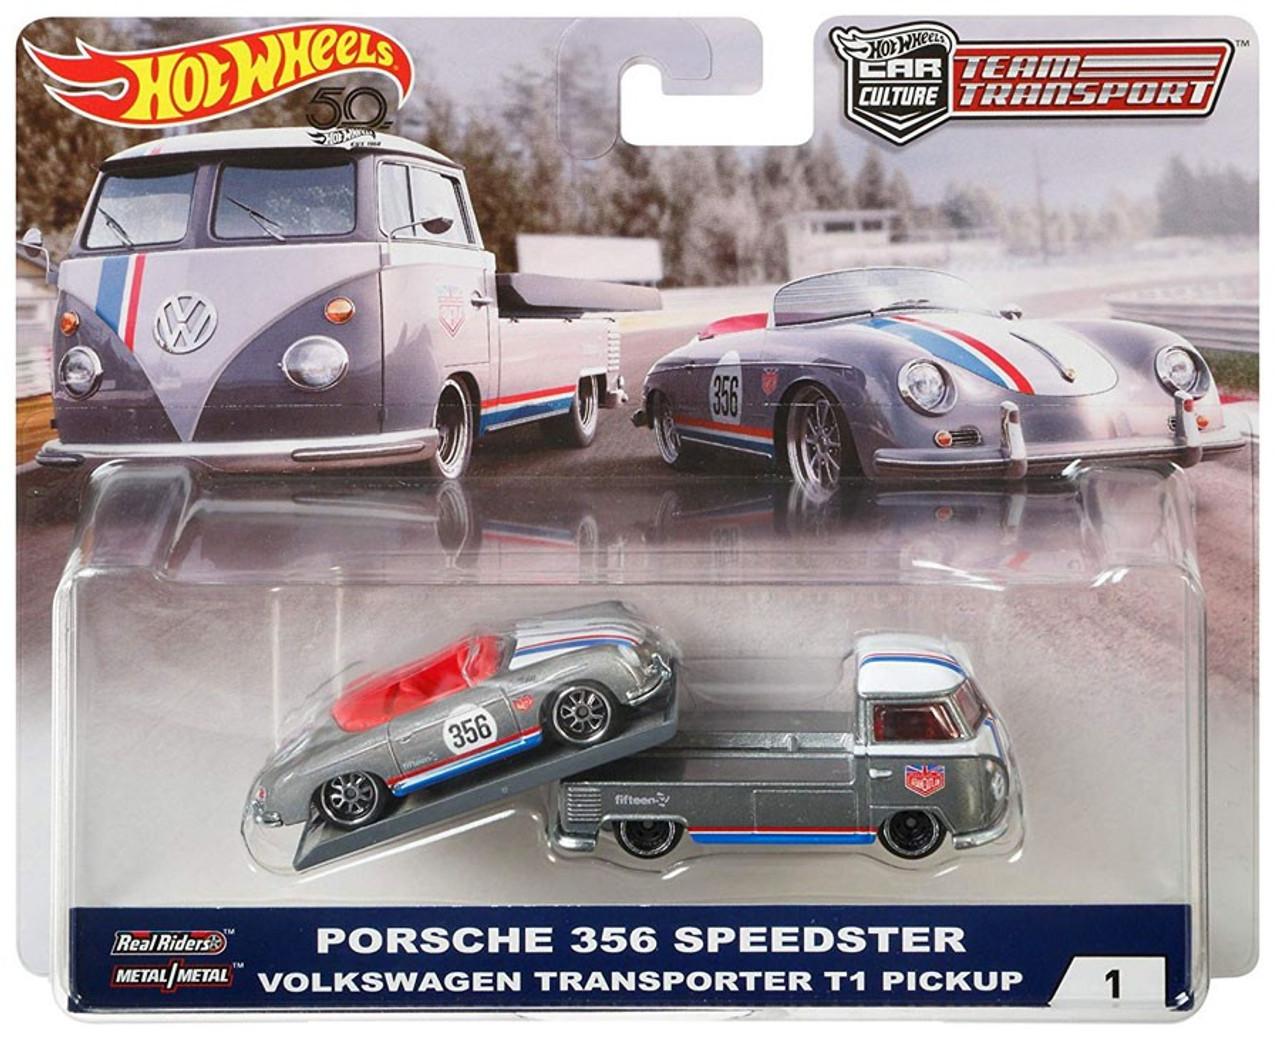 1//64 Hot Wheels Team Transport Porsche 356 Speedster VW T1 Pickup